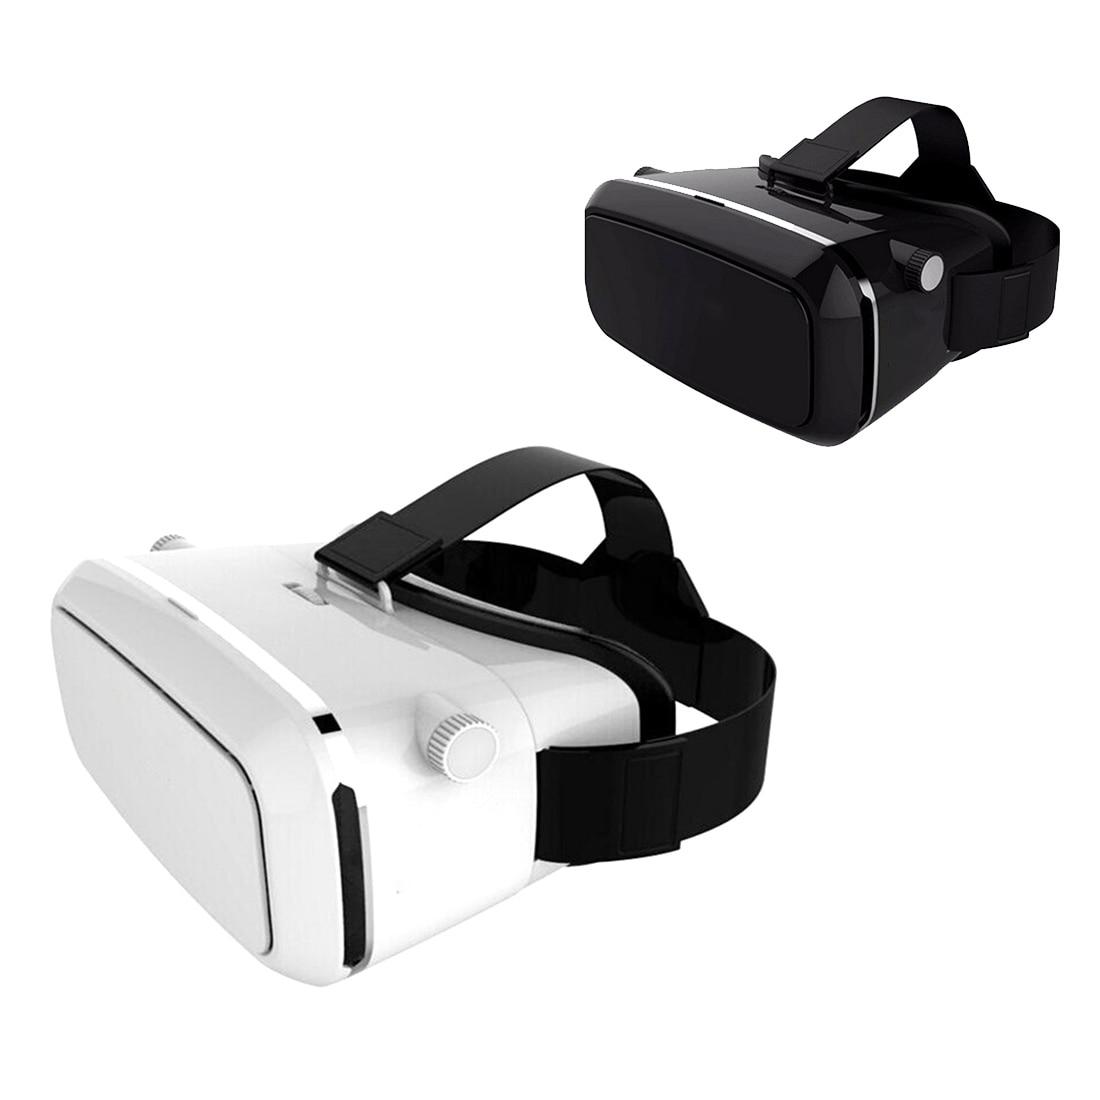 d3f9327f0ce5d4 Marsnaska AndVirtual Réalité 3D Lunettes VR BOÎTE Google Carton 3D Casque  Pour Smartphone